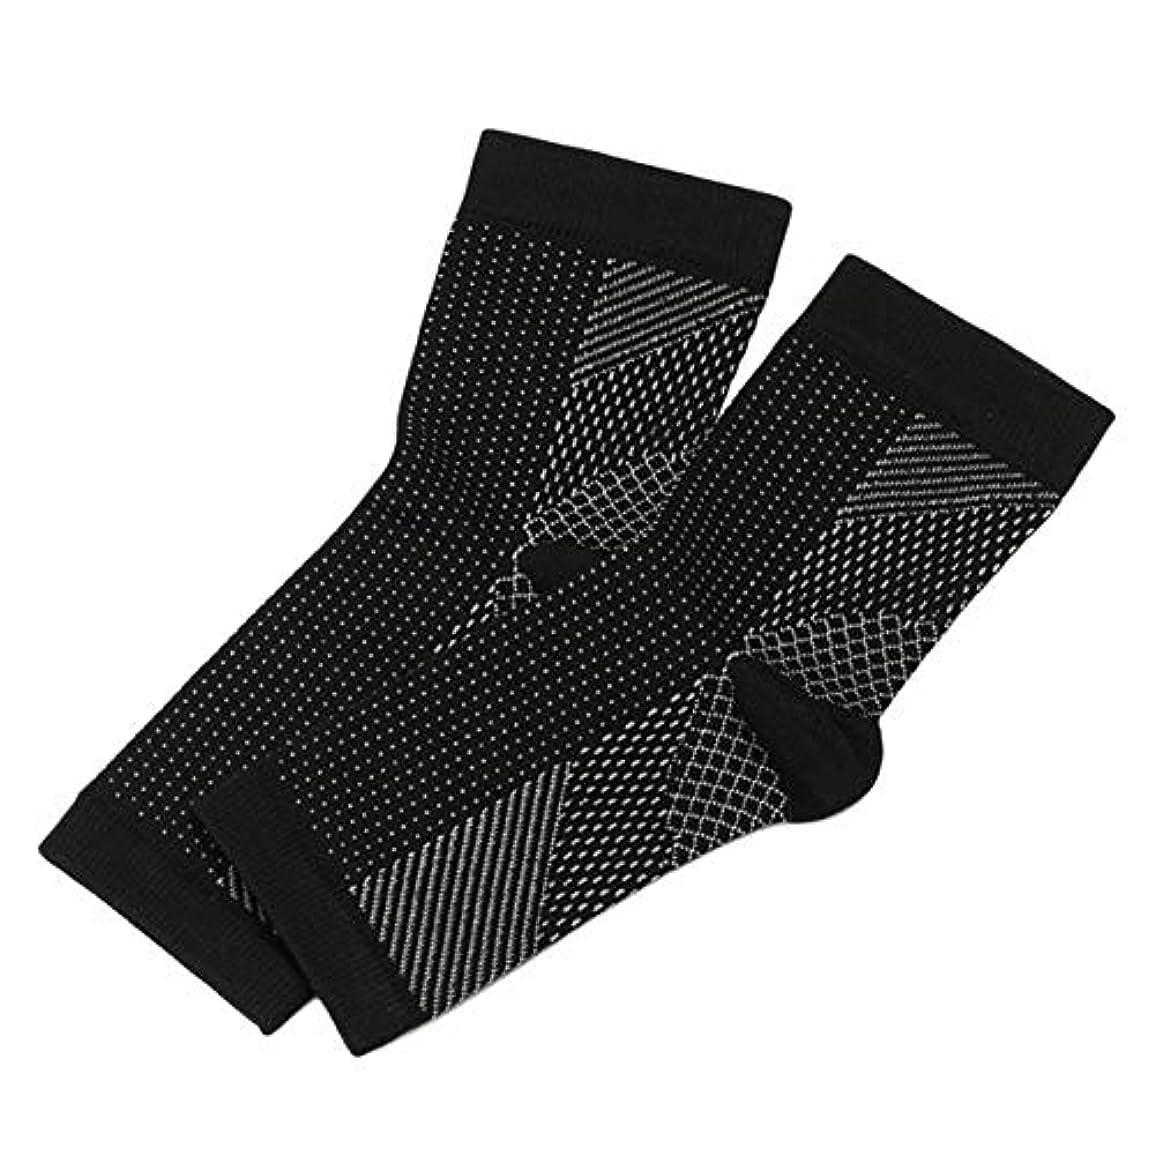 傾向があります小石故意のプロ用スポーツフットアングルアンチ疲労コンプレッションフットスリーブアンチ疲労靴下 - ブラックS/M